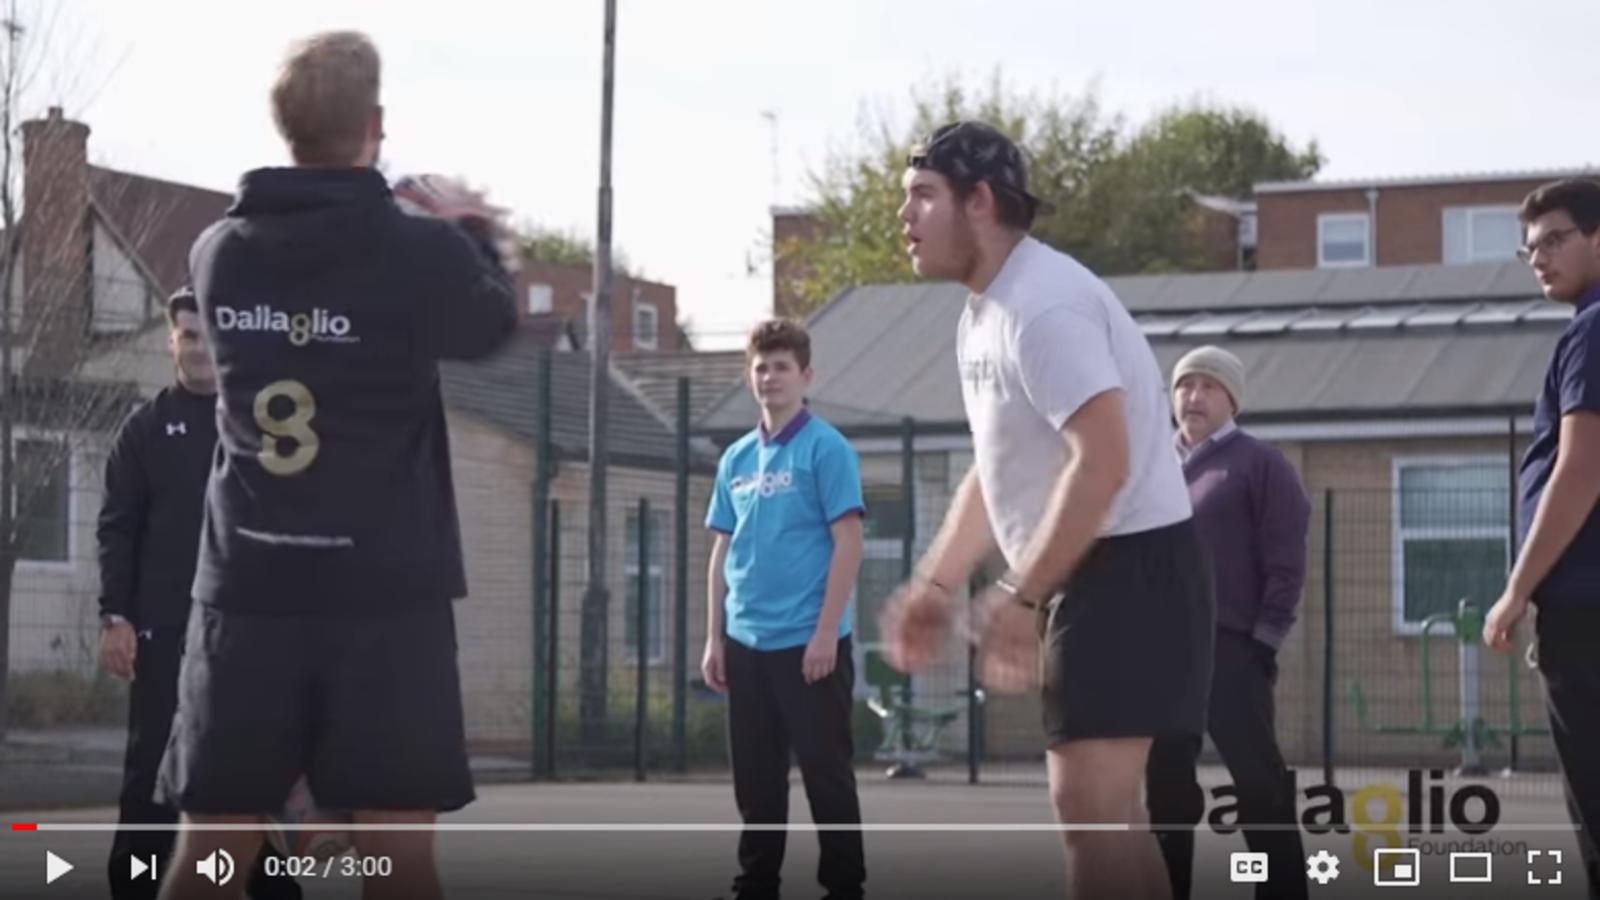 dallaglio rugbyworks video